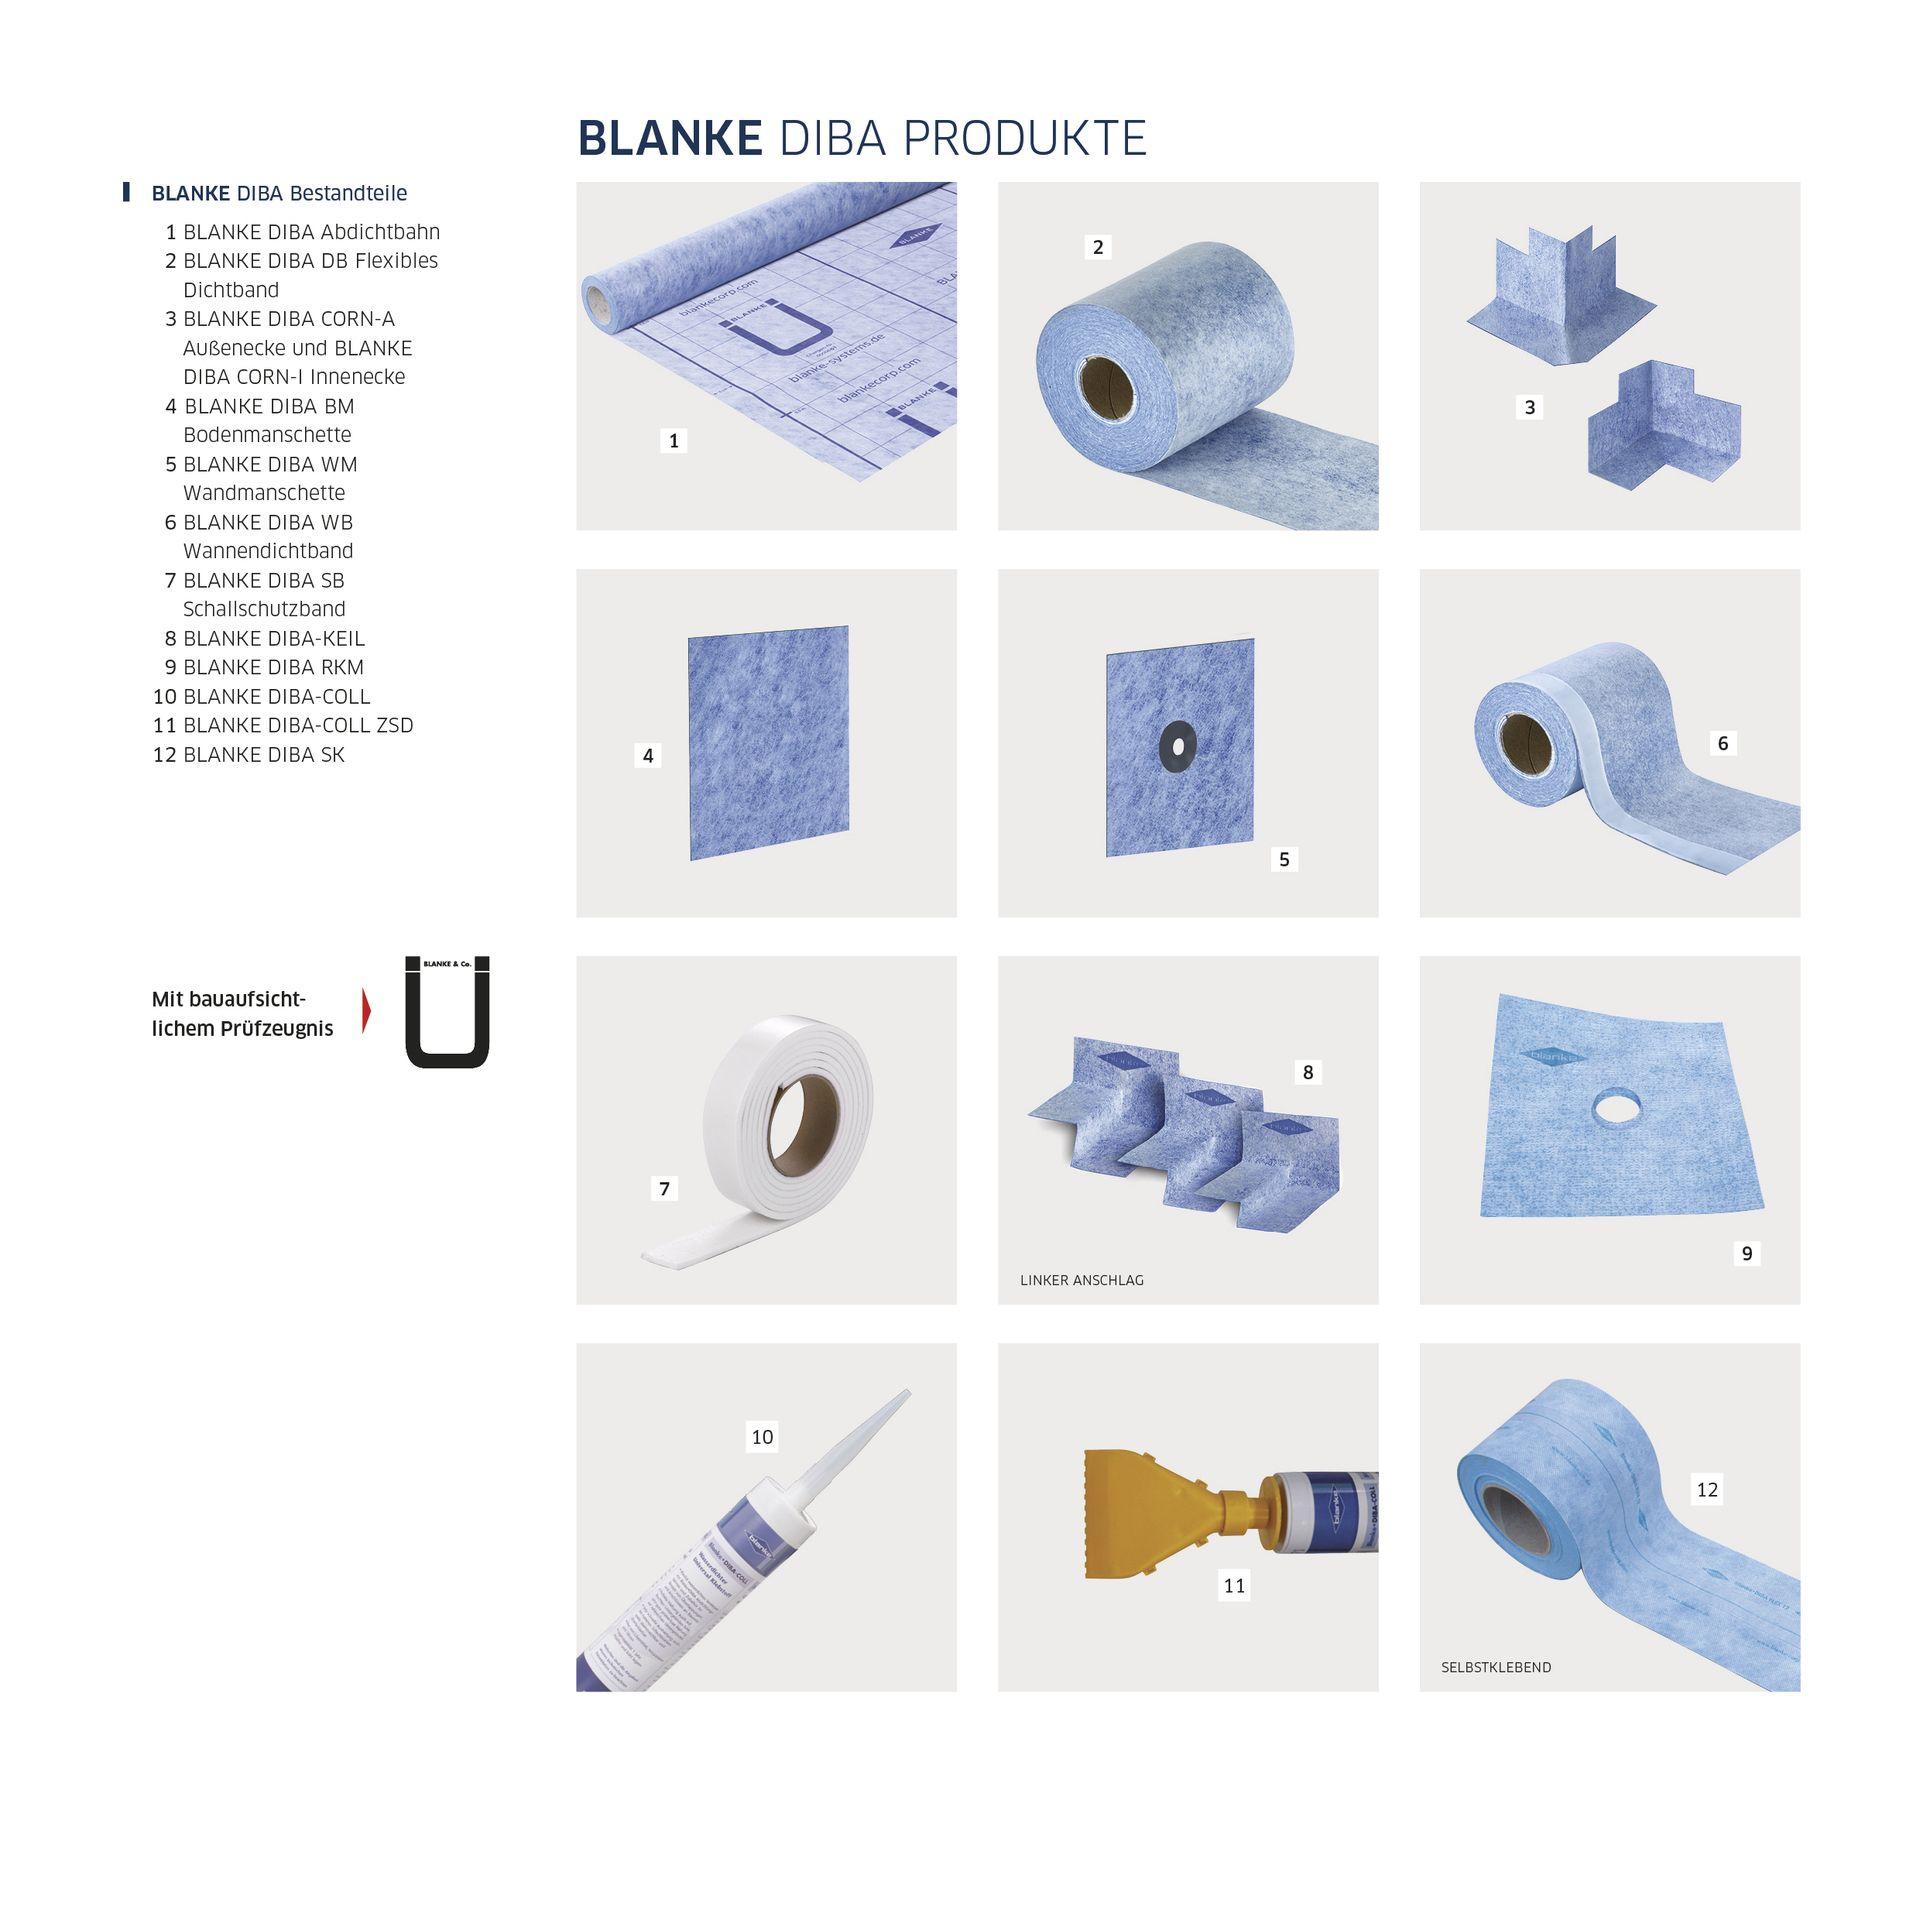 BLANKE DIBA - Die Komplettlösung für das Badezimmer - ais ...